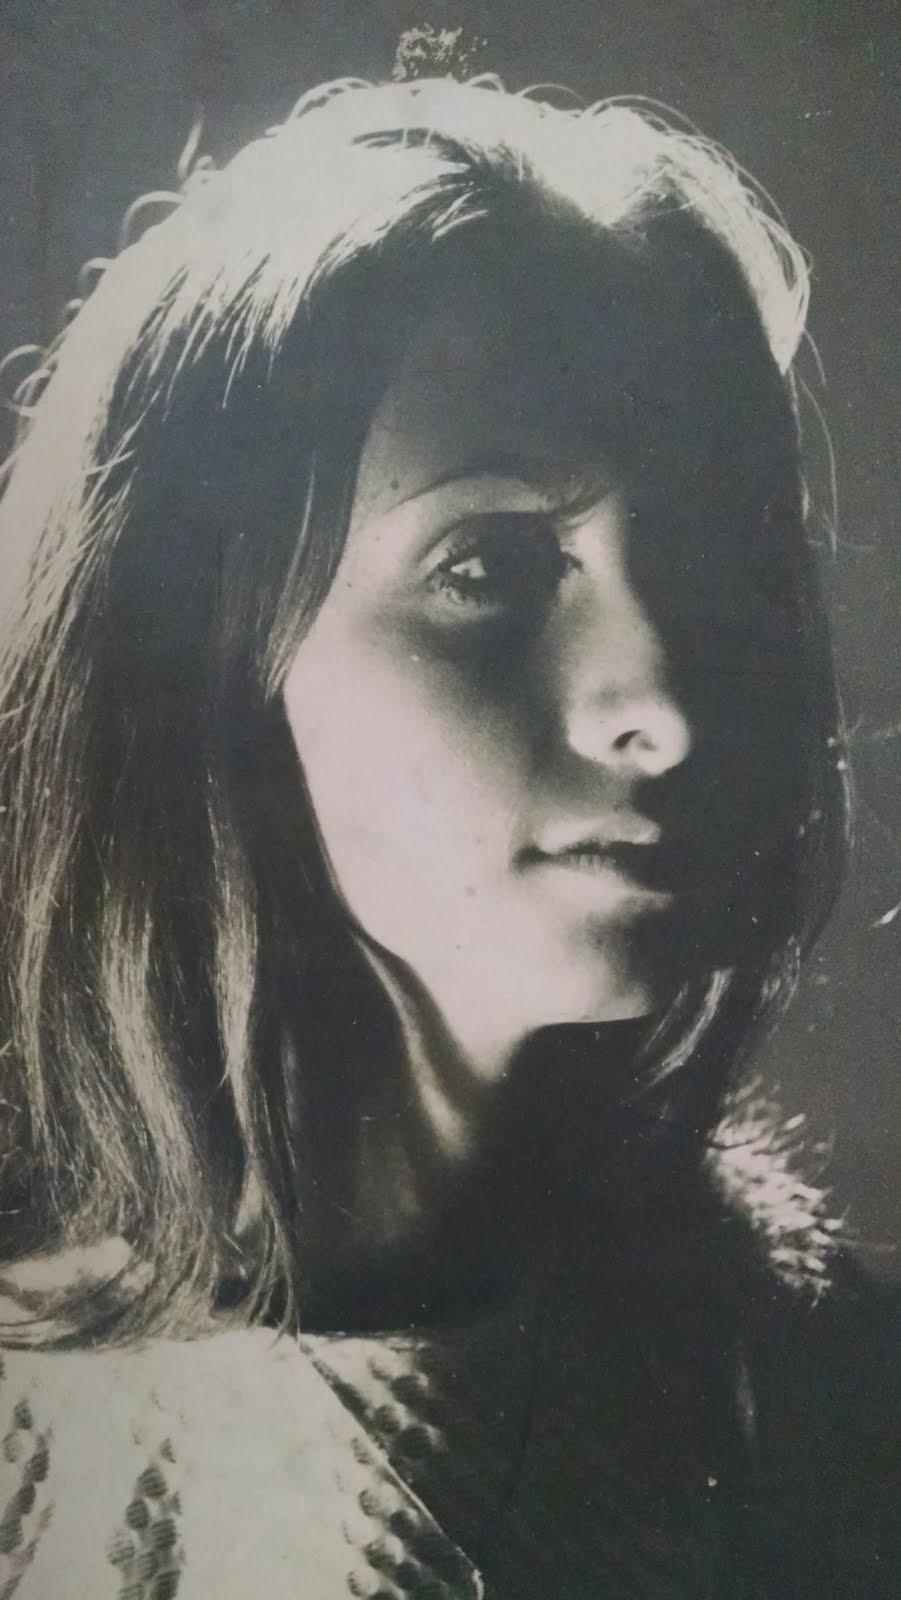 Em 1968, foto e revelação de Lili Rheingantz